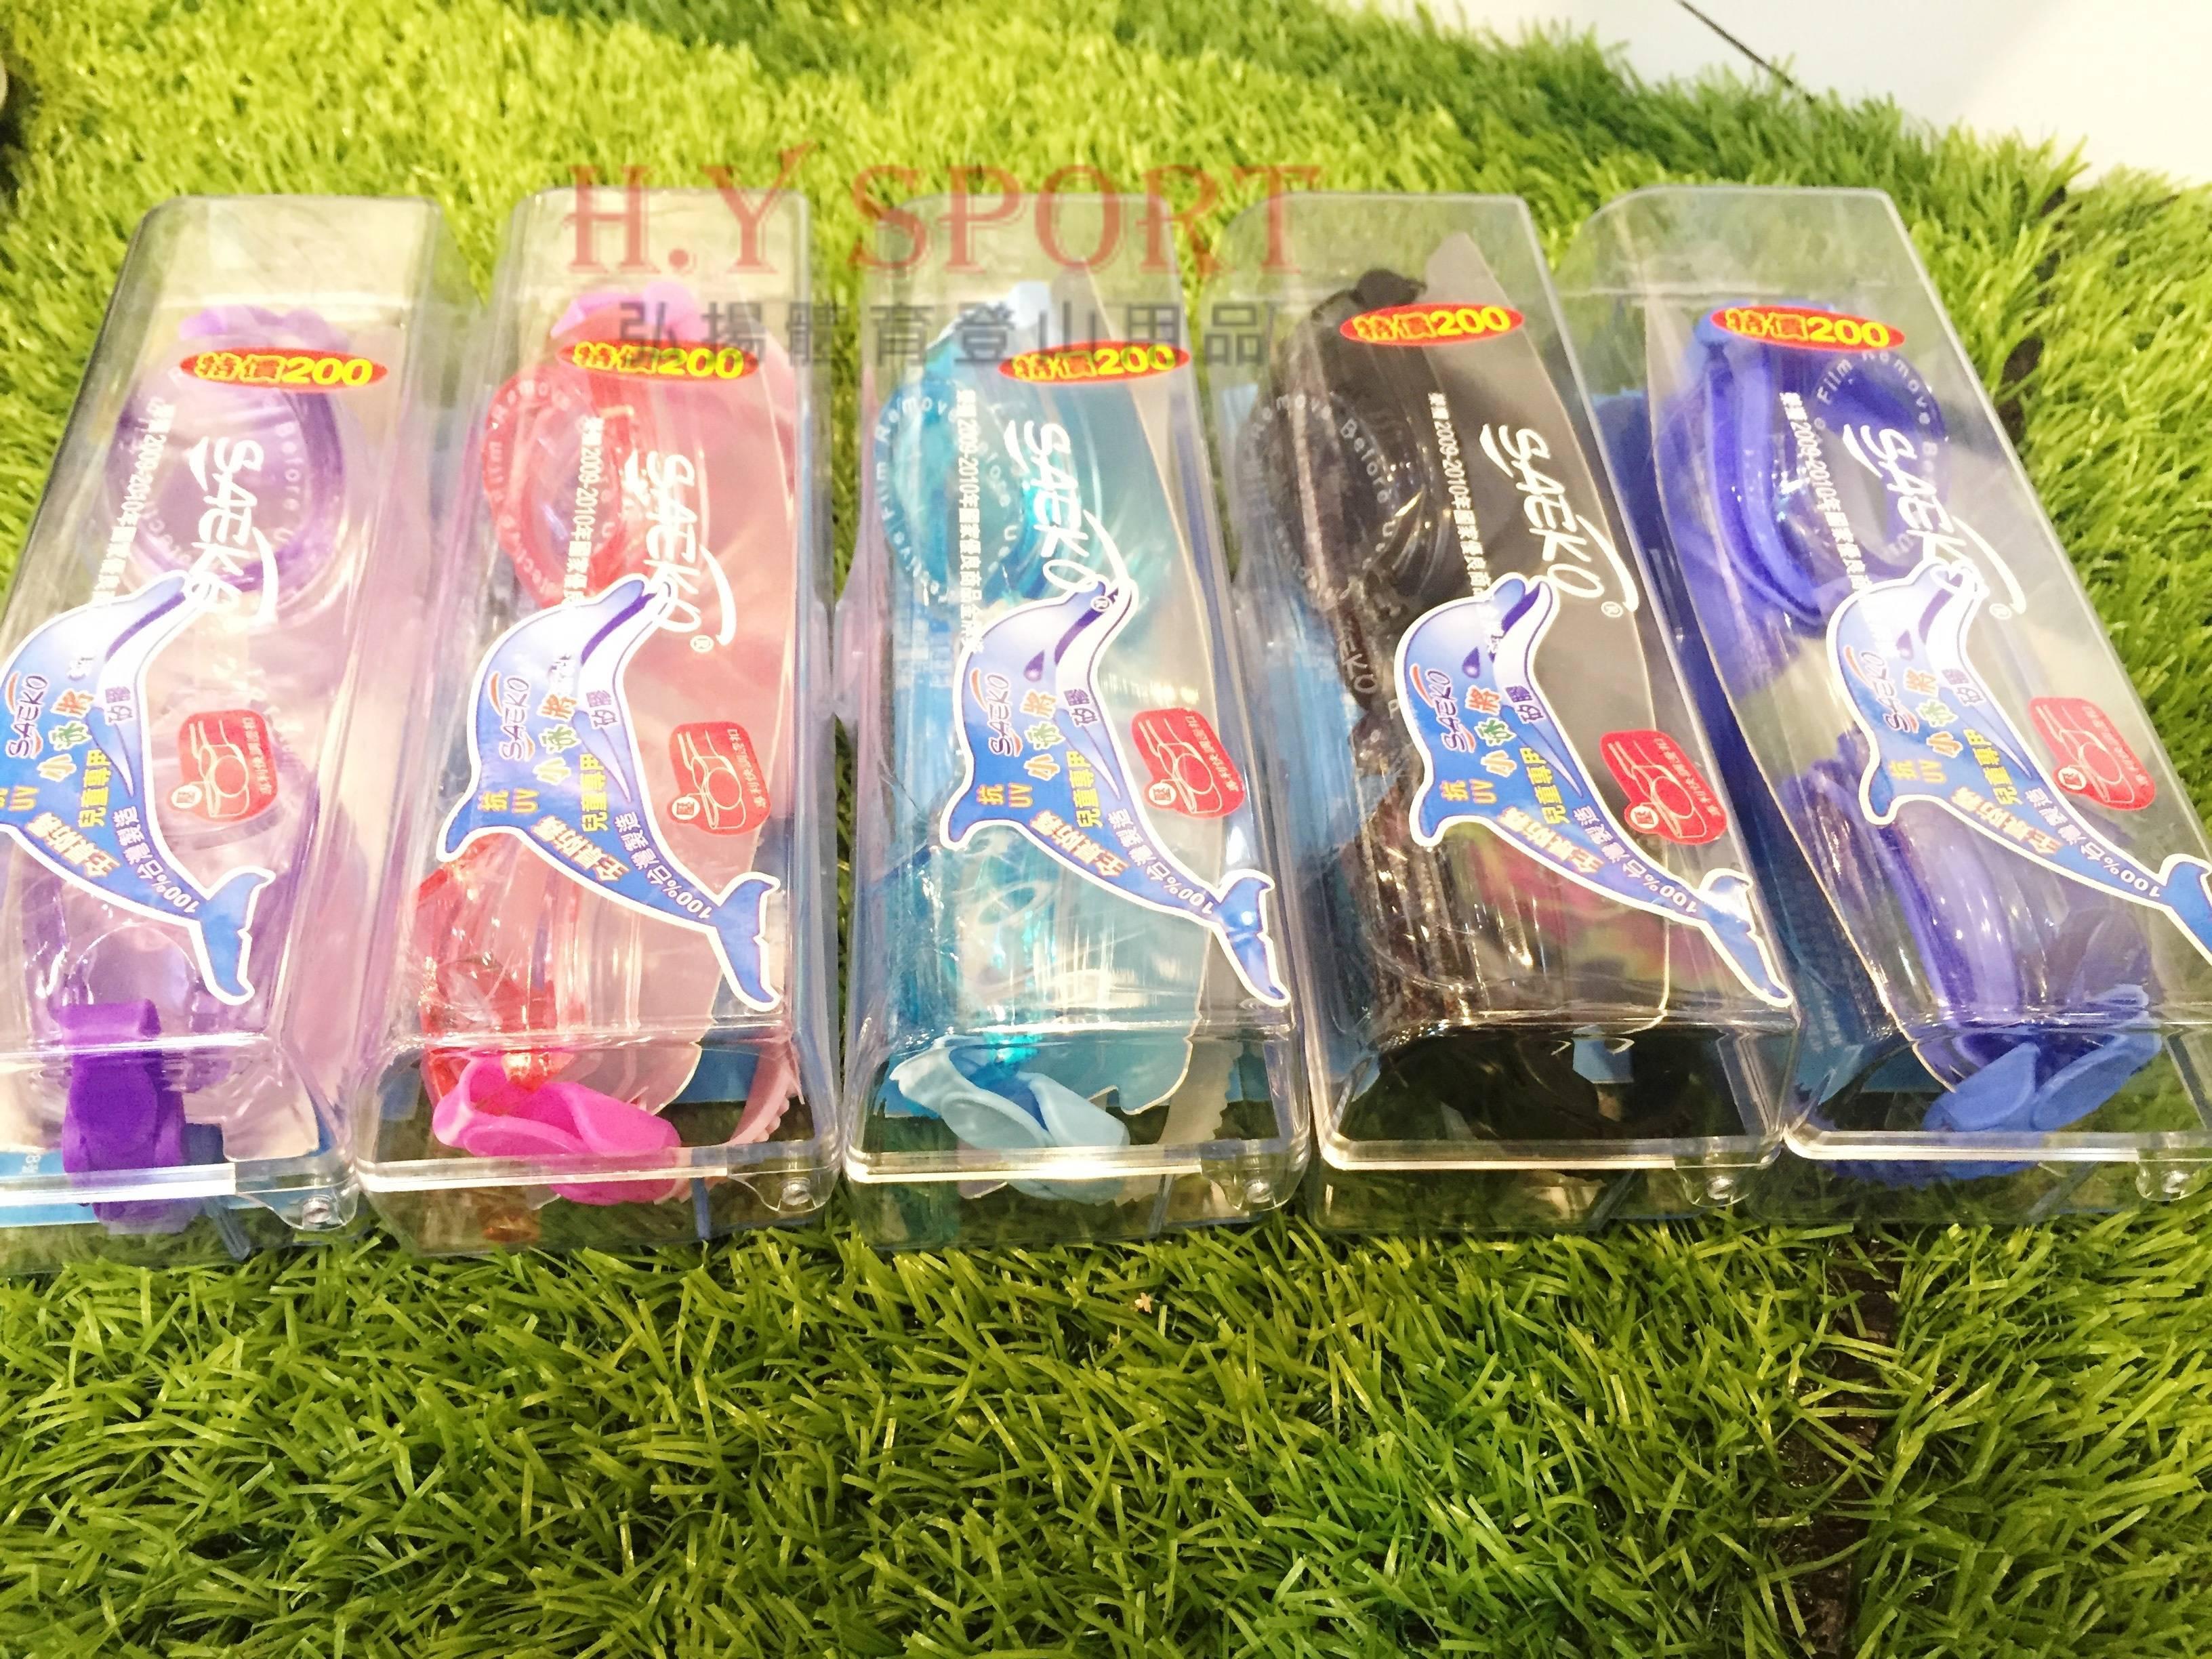 【H.Y SPORT】SAEKO 全景防霧/抗uv/兒童專用 泳鏡 (快調邊扣)S5A(R12B)